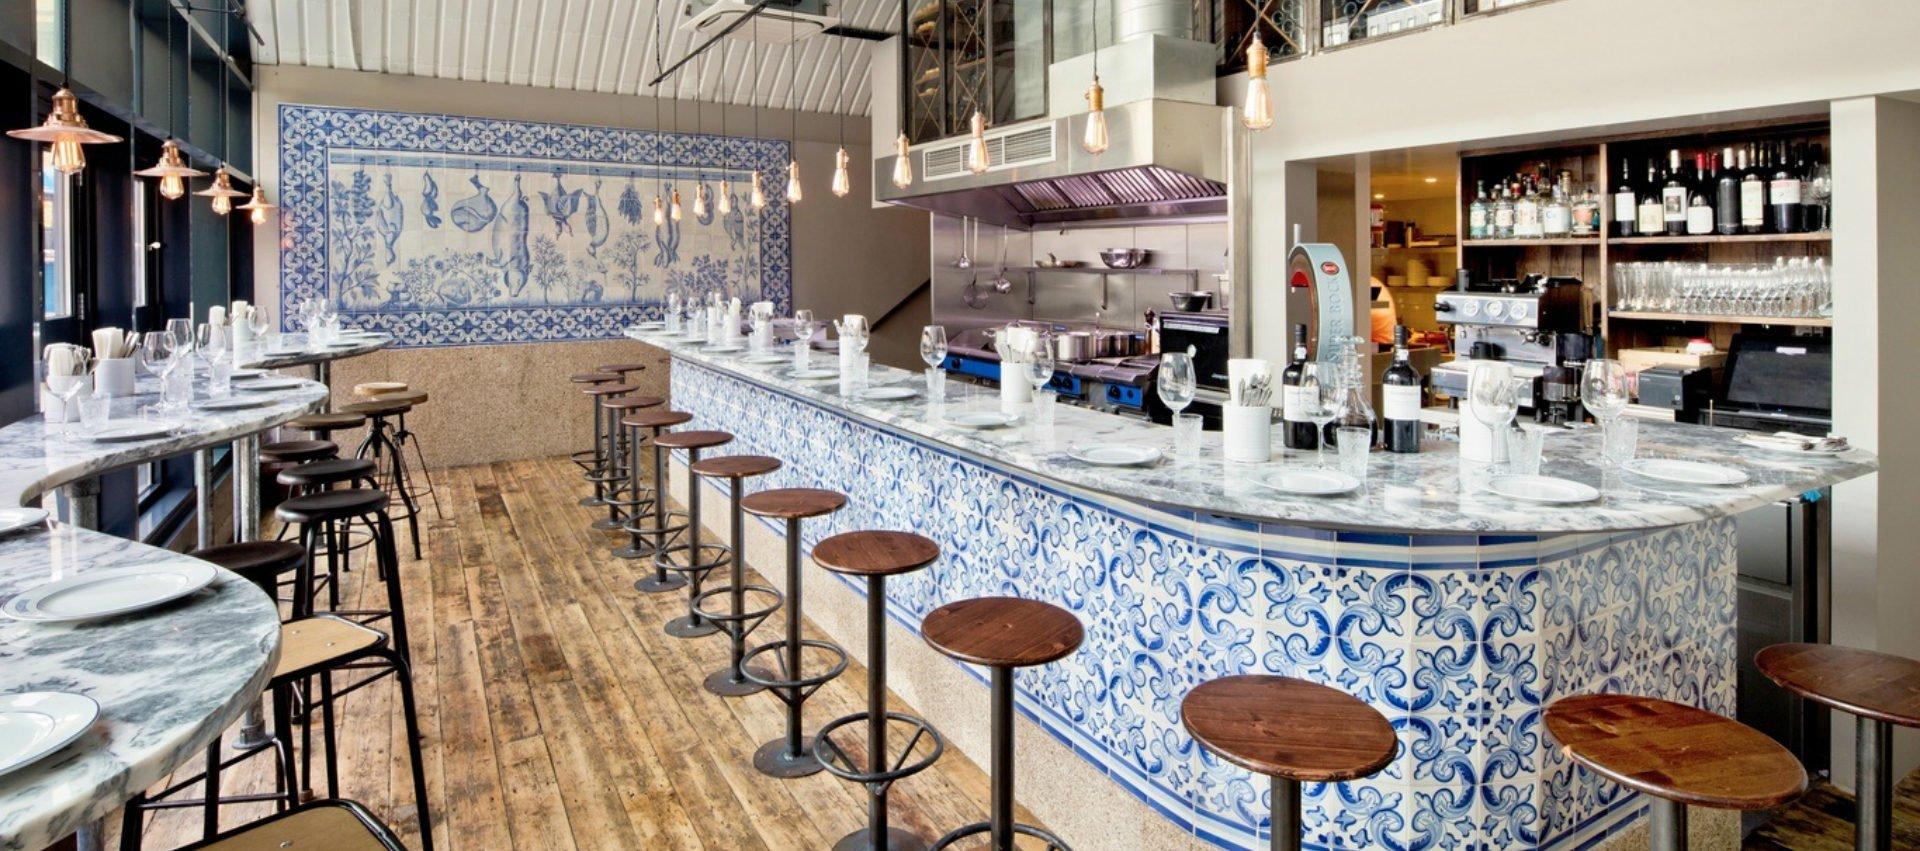 bar douro portuguese small plates in a london bridge. Black Bedroom Furniture Sets. Home Design Ideas